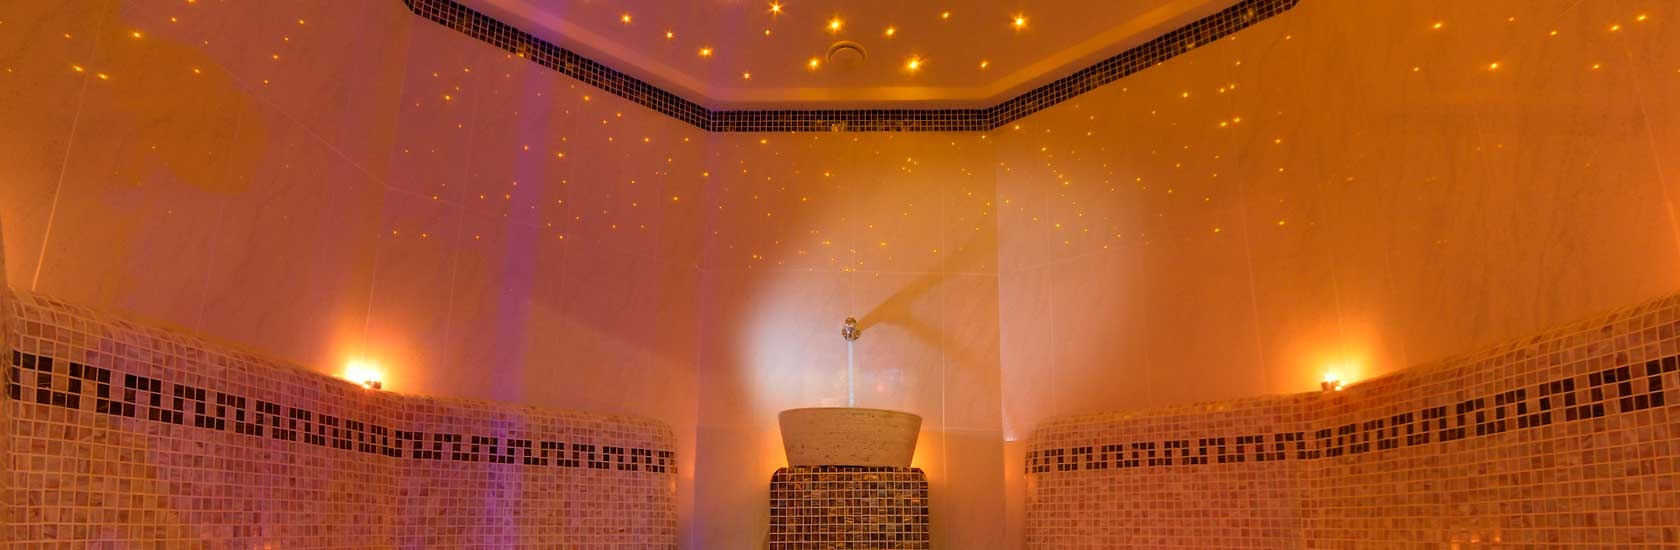 Centro Benessere Marche - Hotel benessere Marche Hotel ...